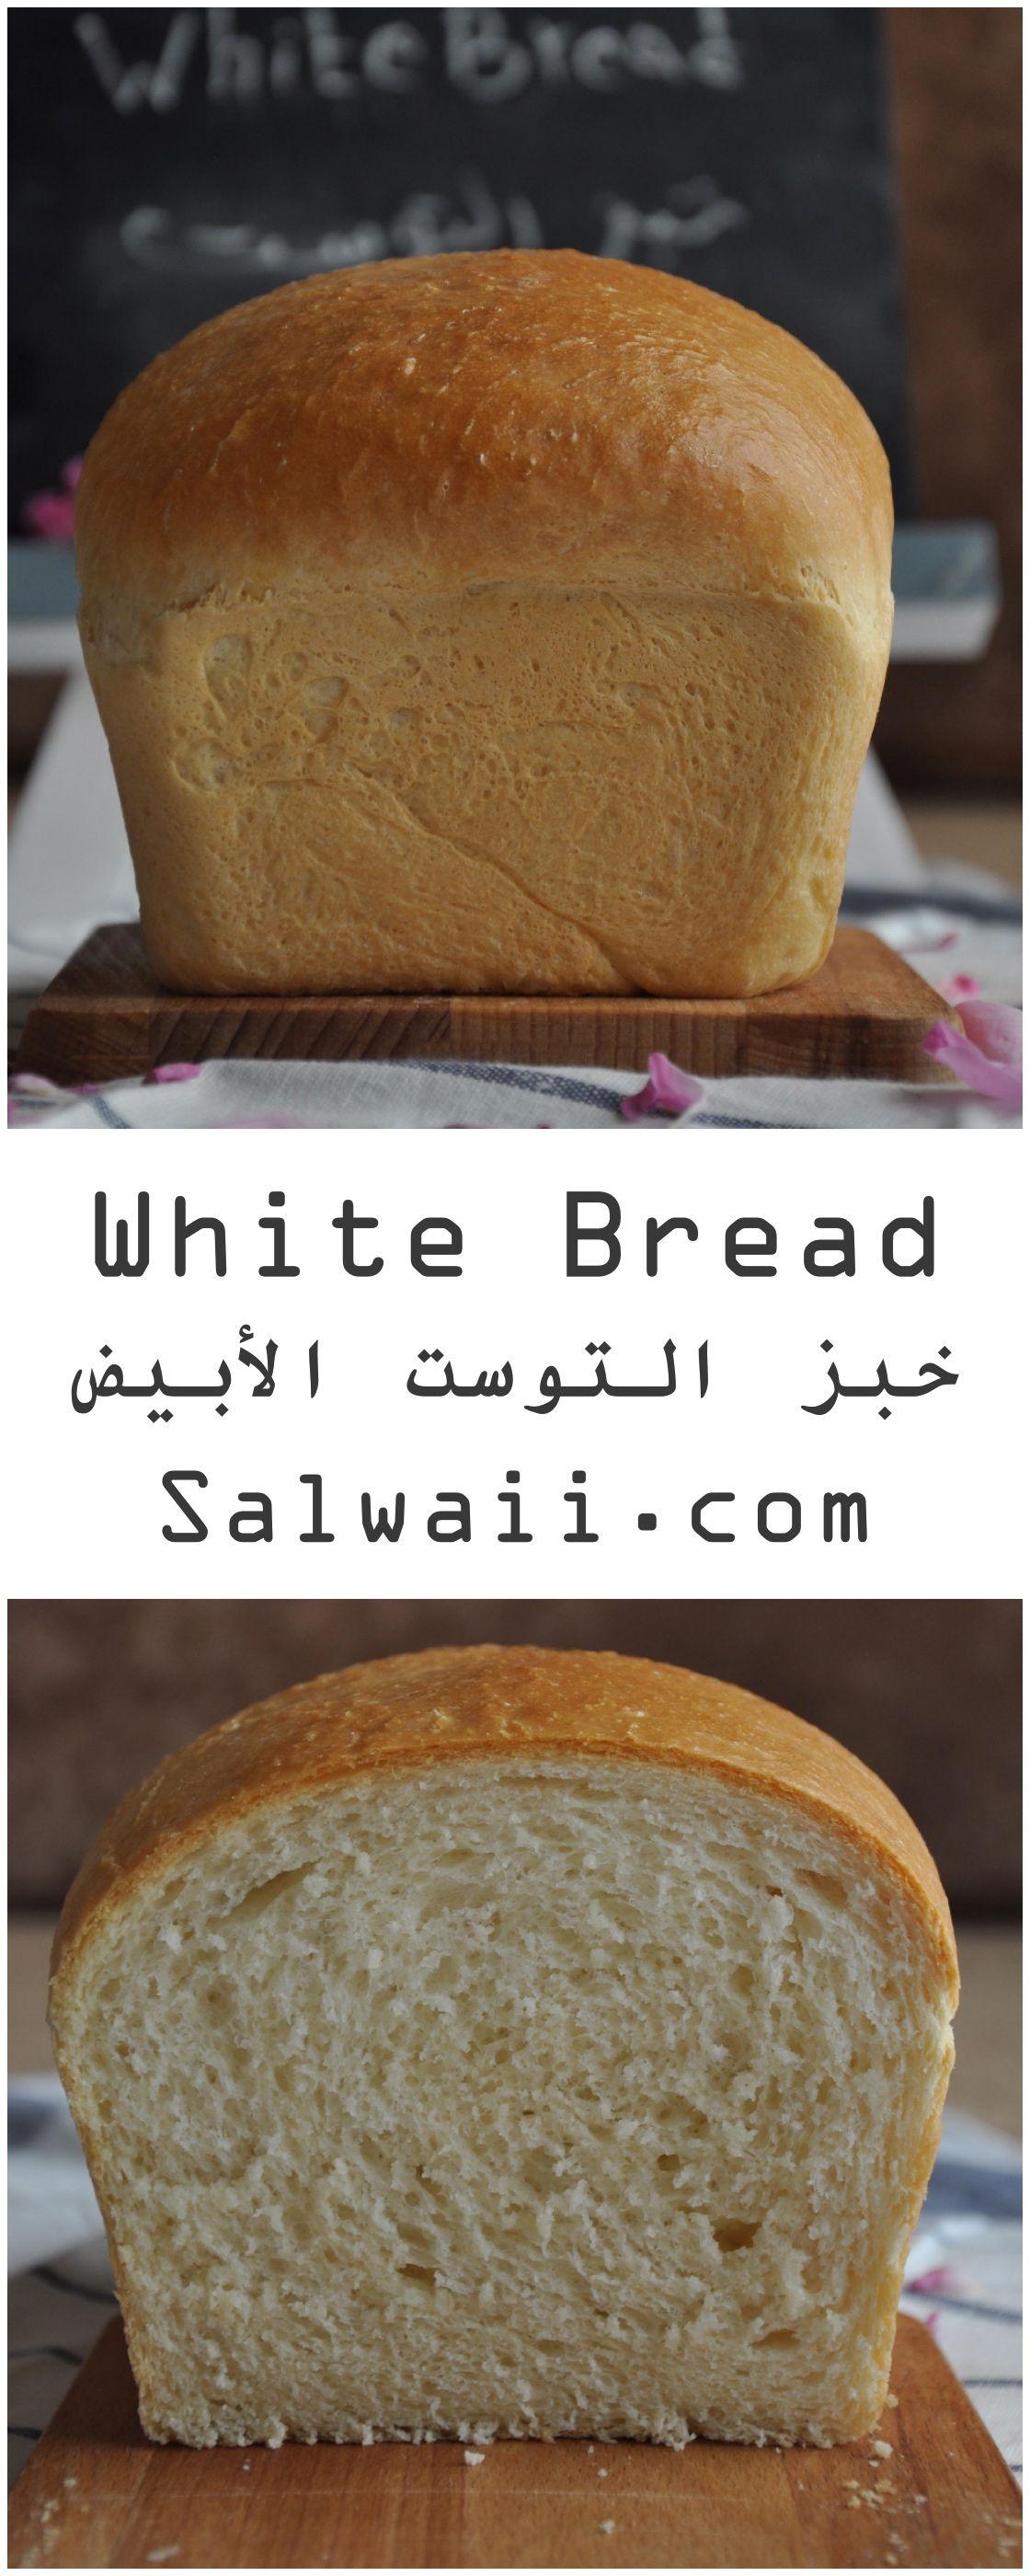 توست ابيض White Bread Bread White Bread Food